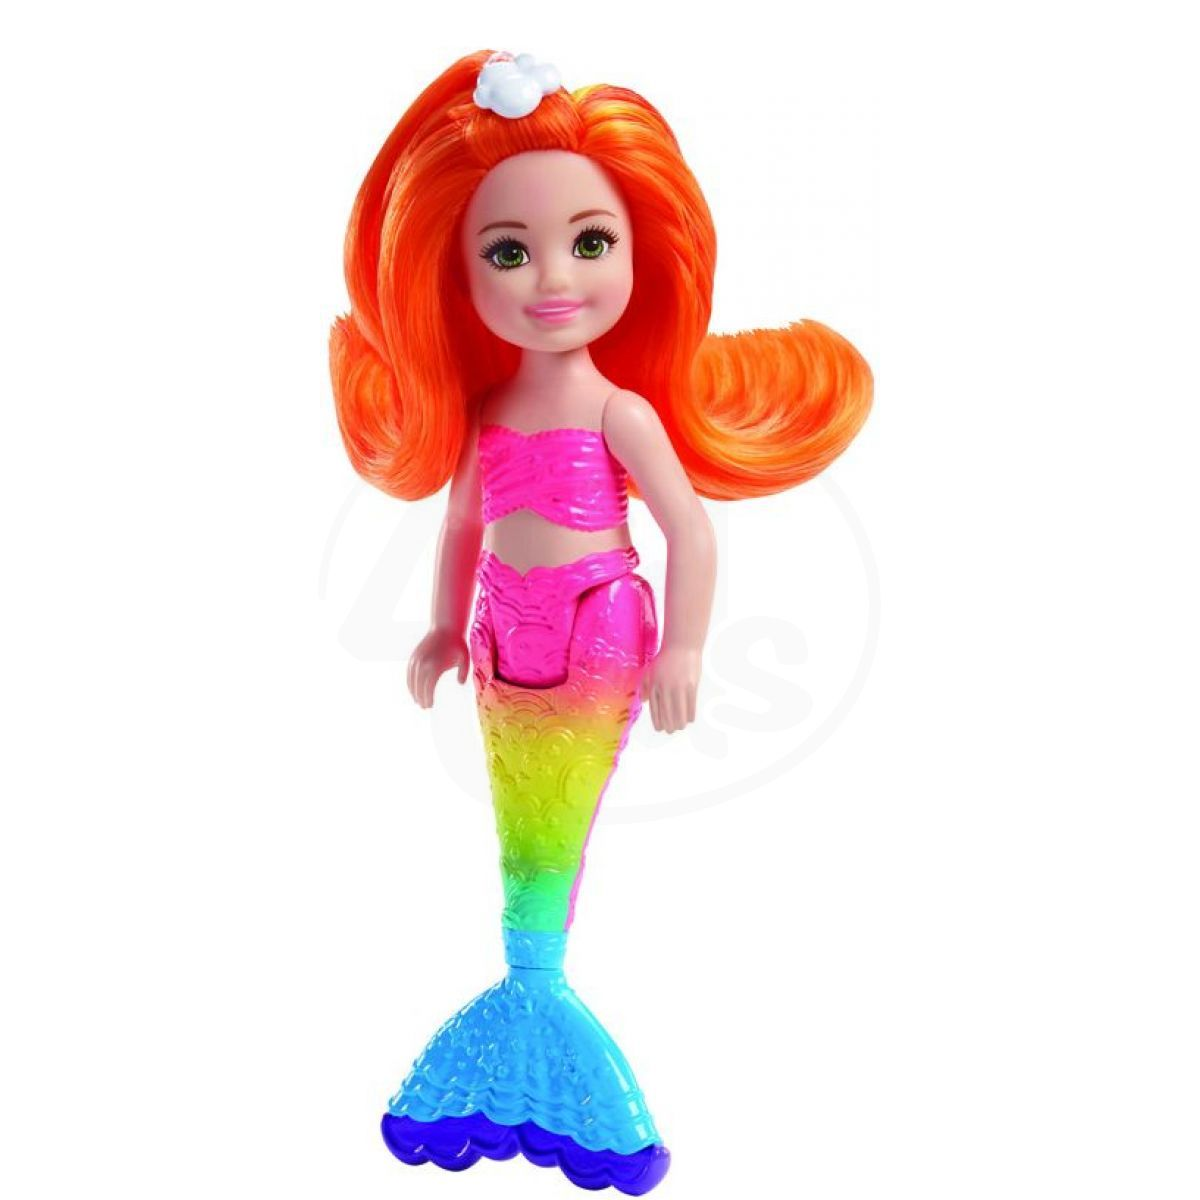 Mattel Barbie Chelsea Mořská panna Oranžové vlasy